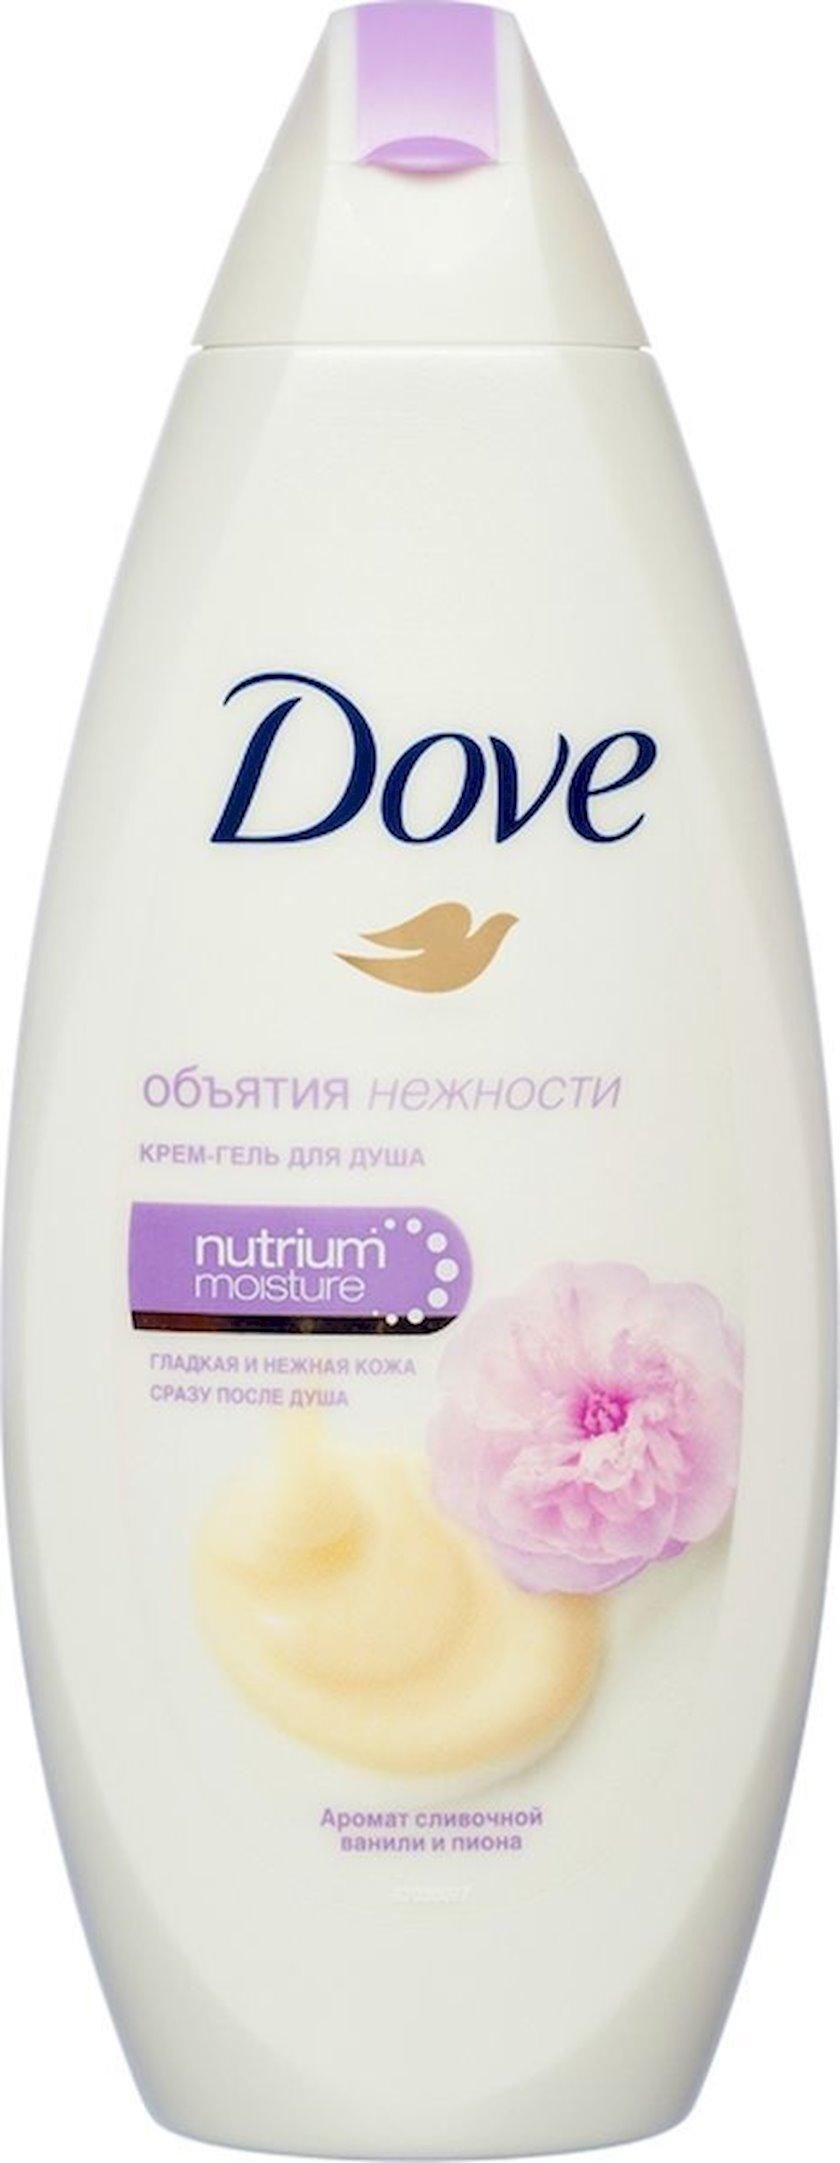 Duş üçün gel-krem Dove  Zəriflik qucağı Qaymaqlı sulfatsız  vanil və pion, 250 ml